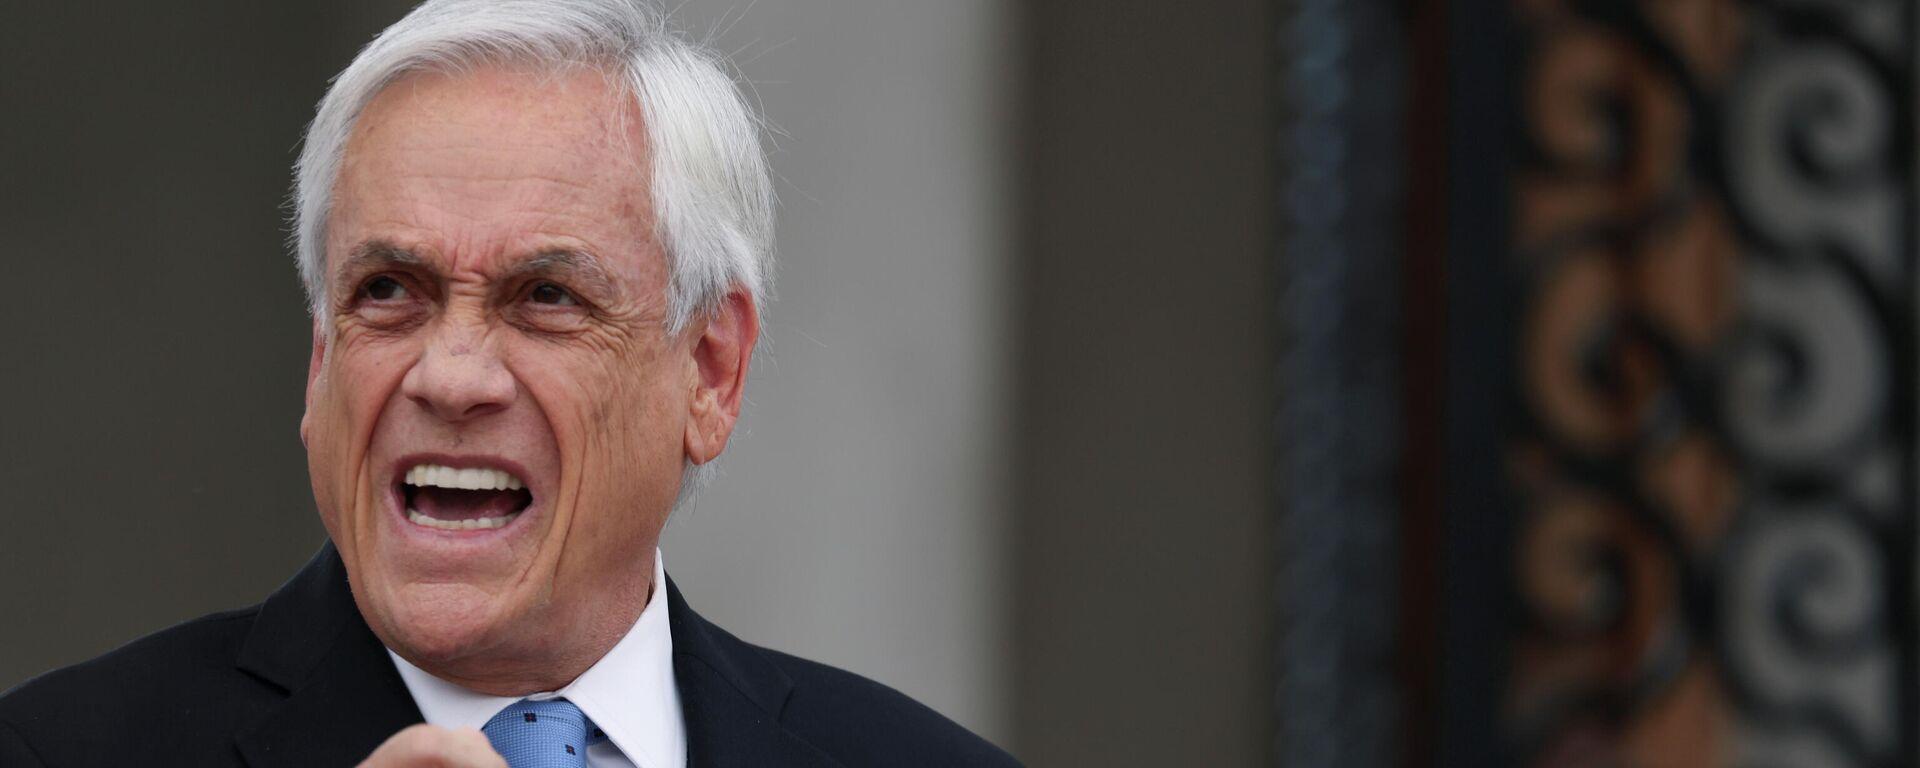 Der chilenische Präsident Sebastián Piñera  - SNA, 1920, 09.10.2021